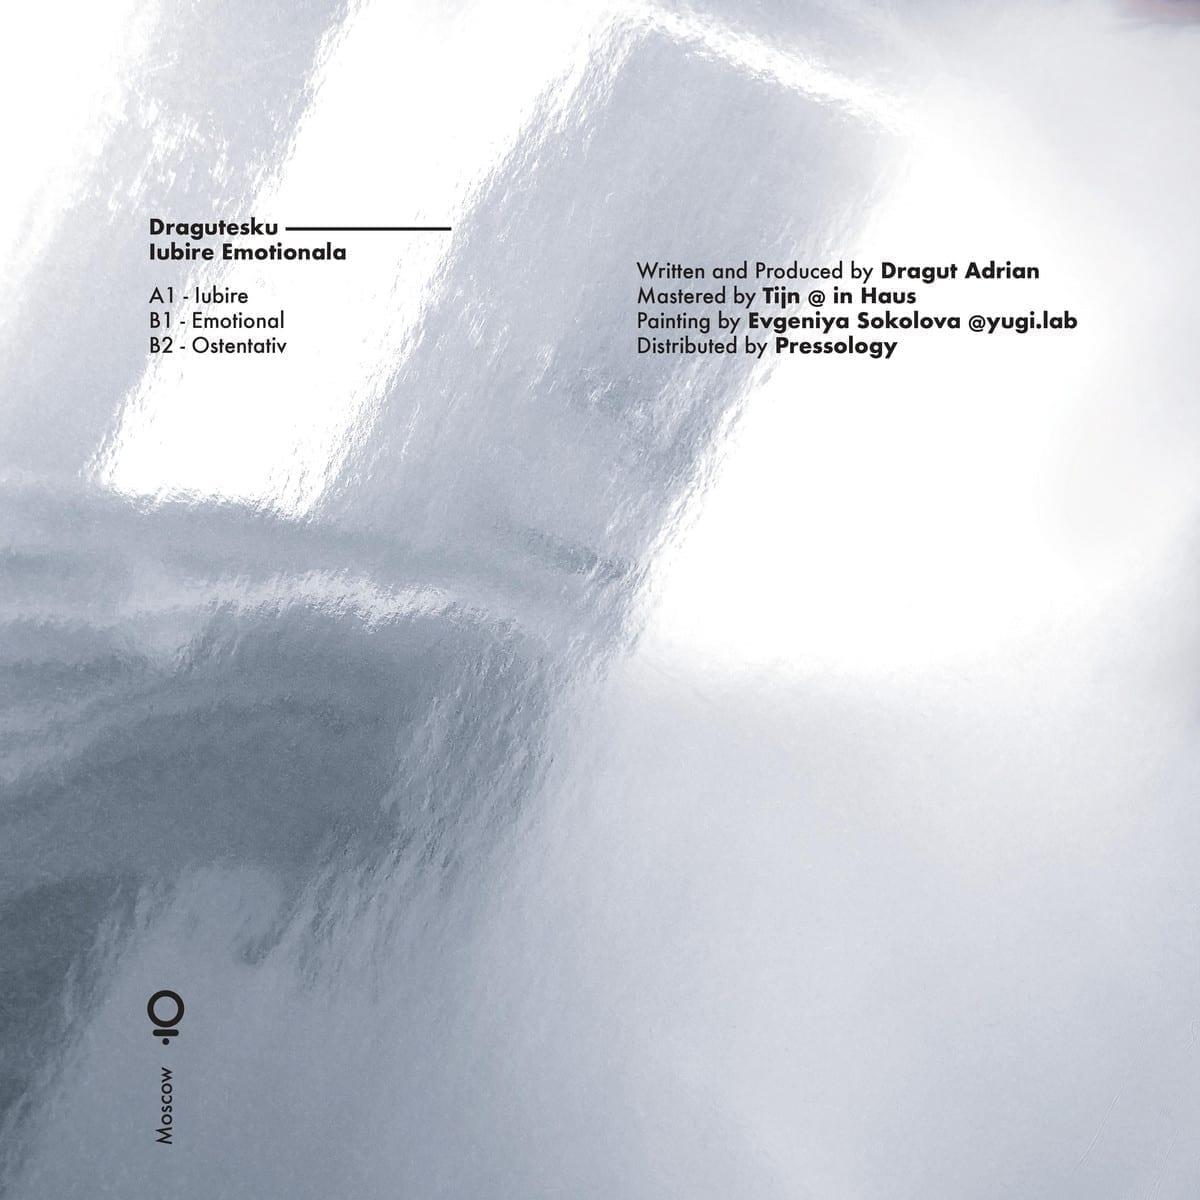 Dragutesku - Iubire Emotionala [Otomoji] back